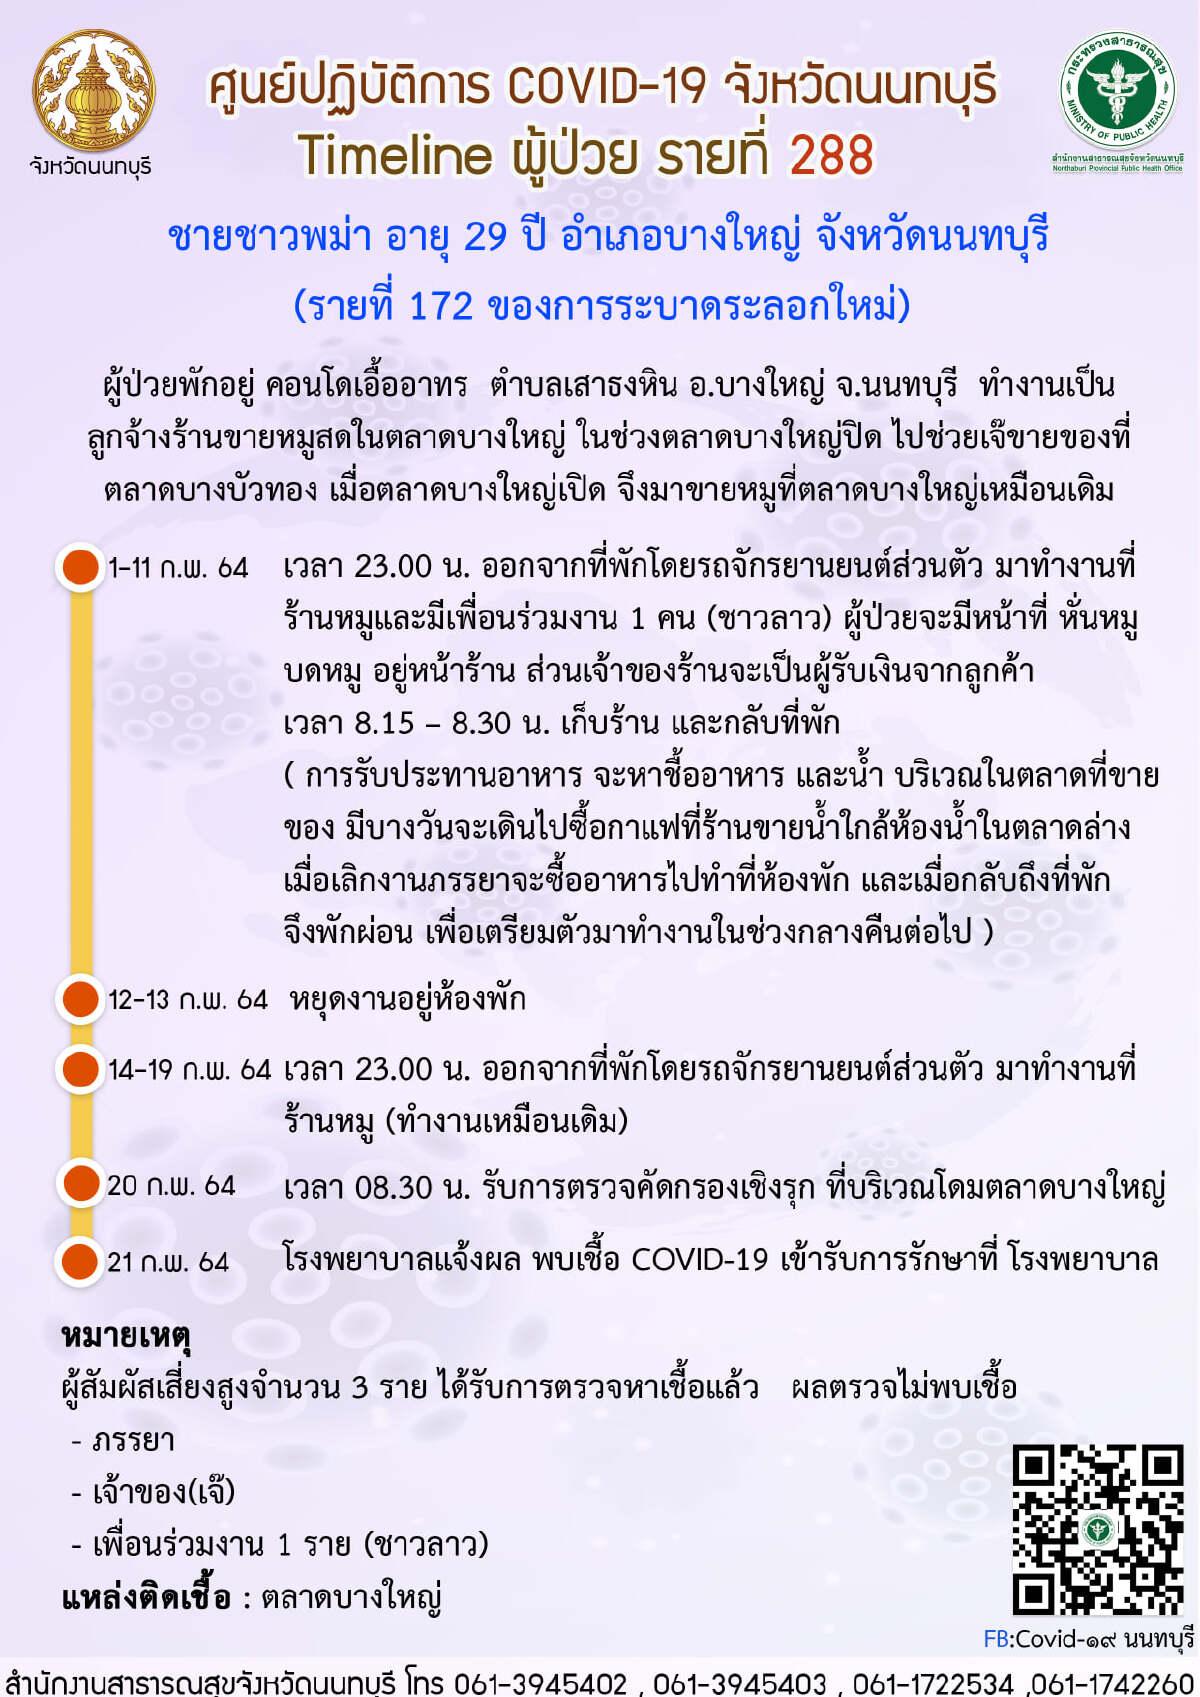 เปิดไทม์ไลน์ผู้ป่วยรายใหม่โควิดนนทบุรี 3 ราย ผู้สัมผัสเสี่ยงสูง 12 คน